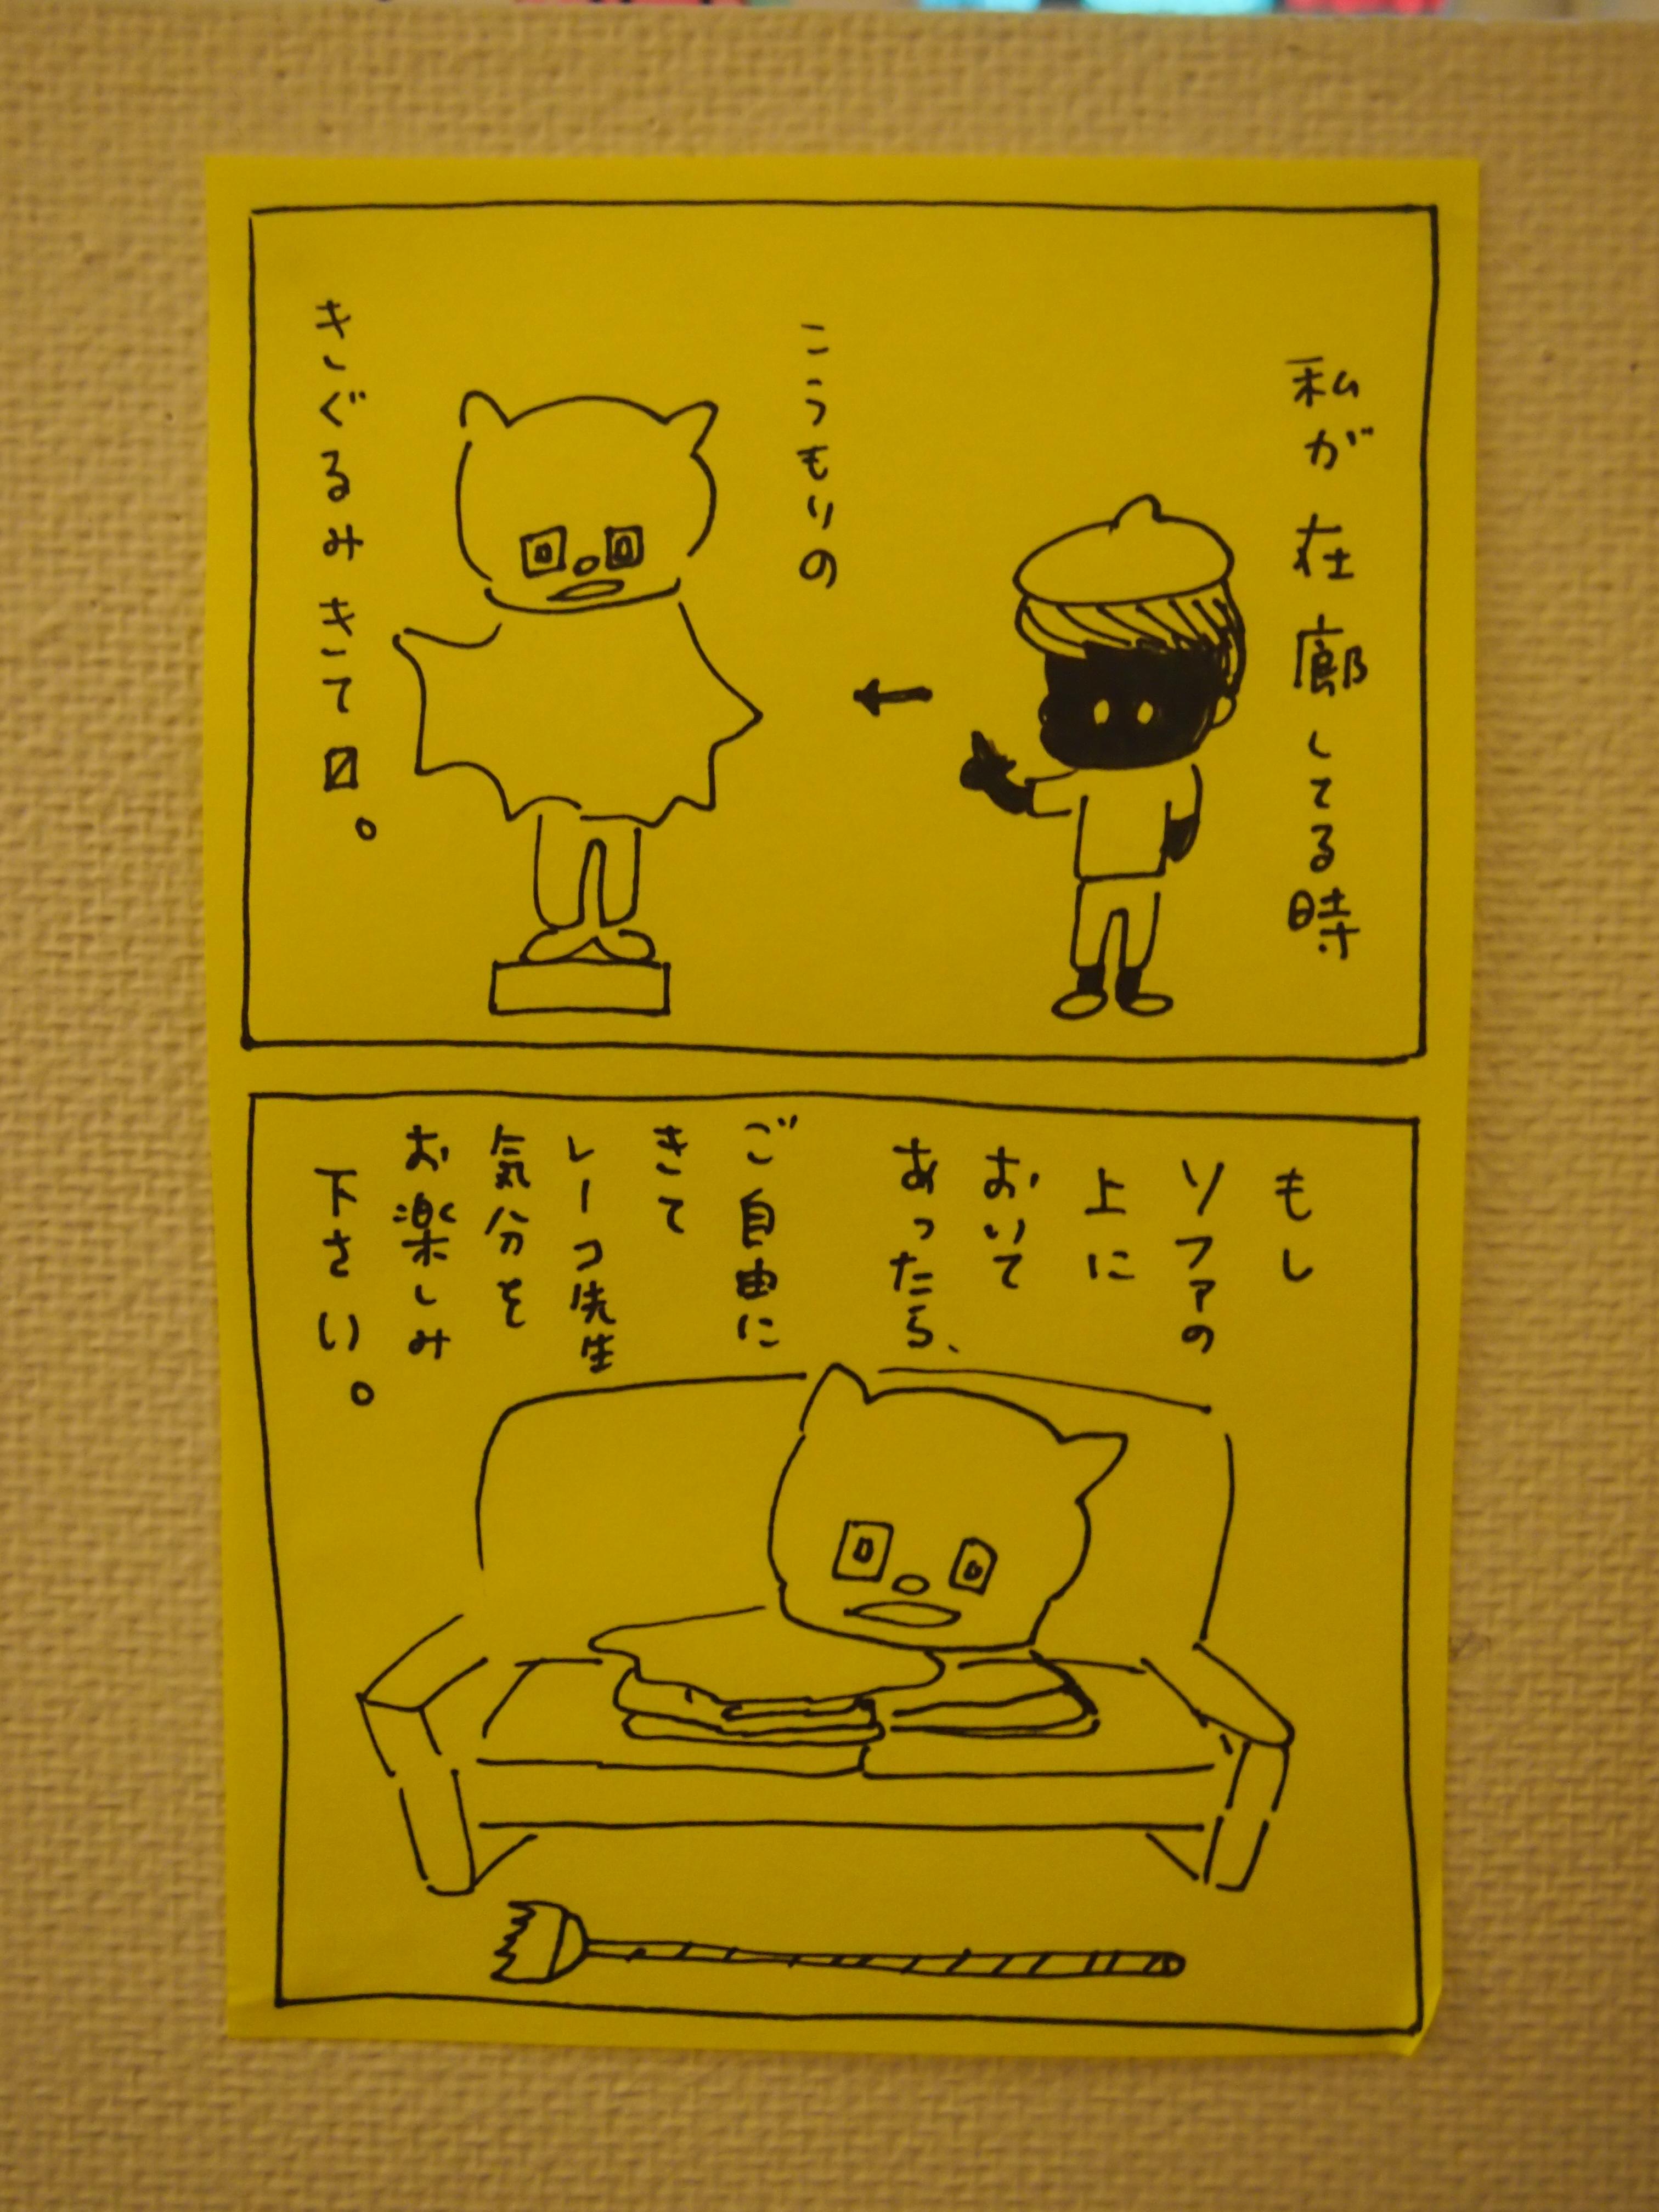 PA013191.jpg